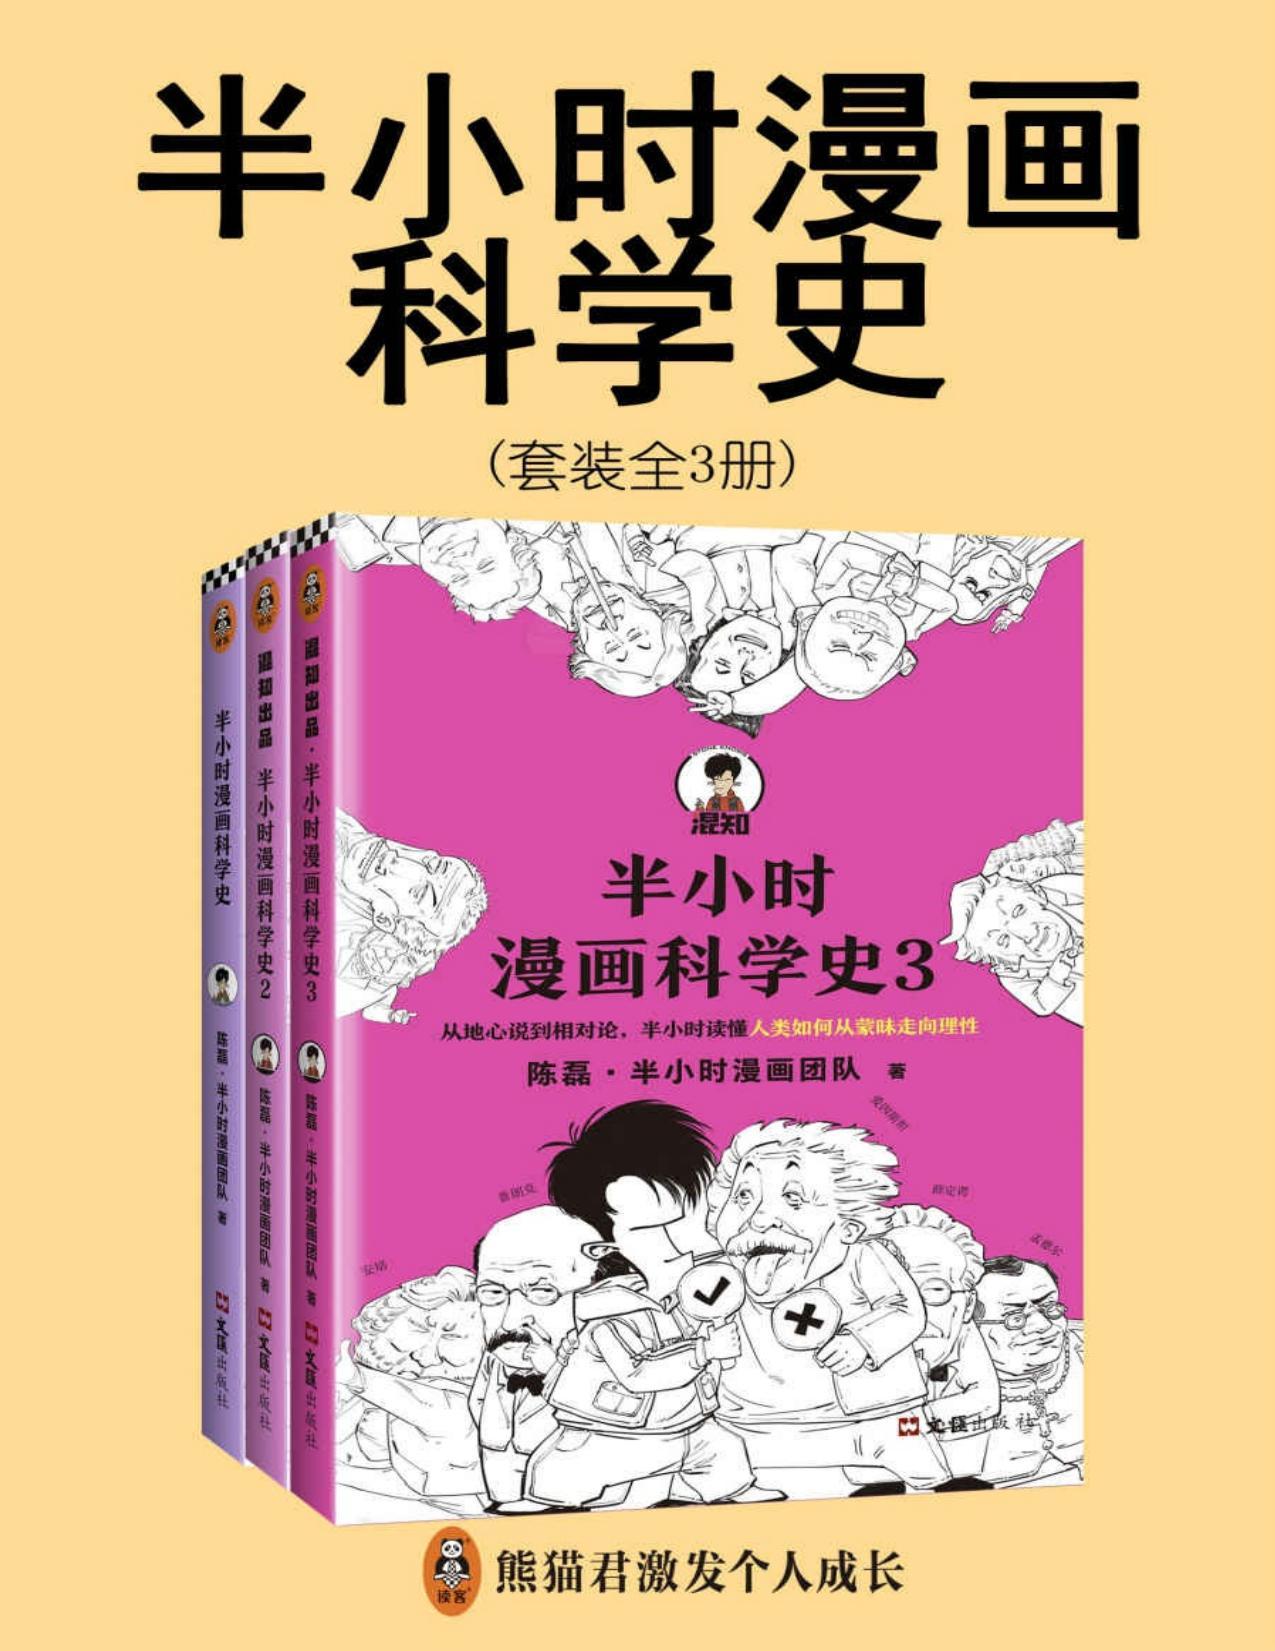 半小时漫画科学史系列(全3册—陈磊·半小时漫画团队—pdf+mobi+epub+txt+azw3电子书下载